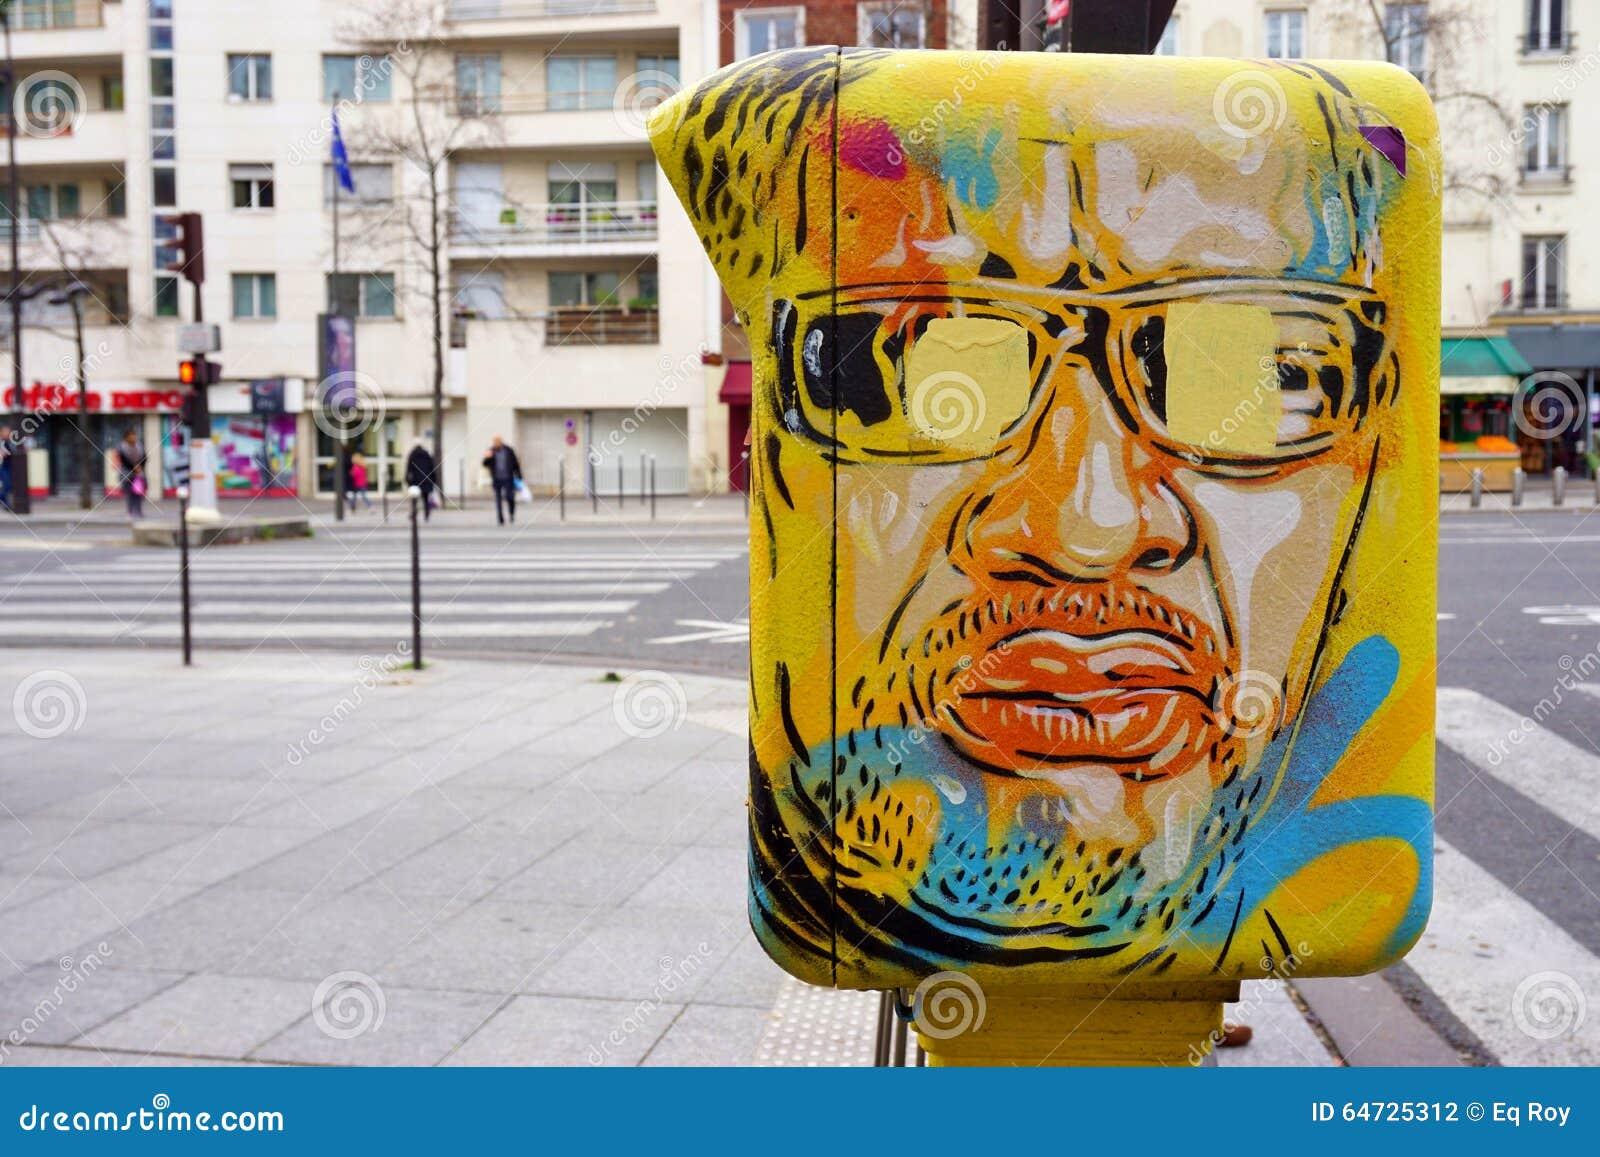 Cassetta delle lettere gialla dipinta coperta di arte della via dal muralista francese C215 dei graffiti a Parigi